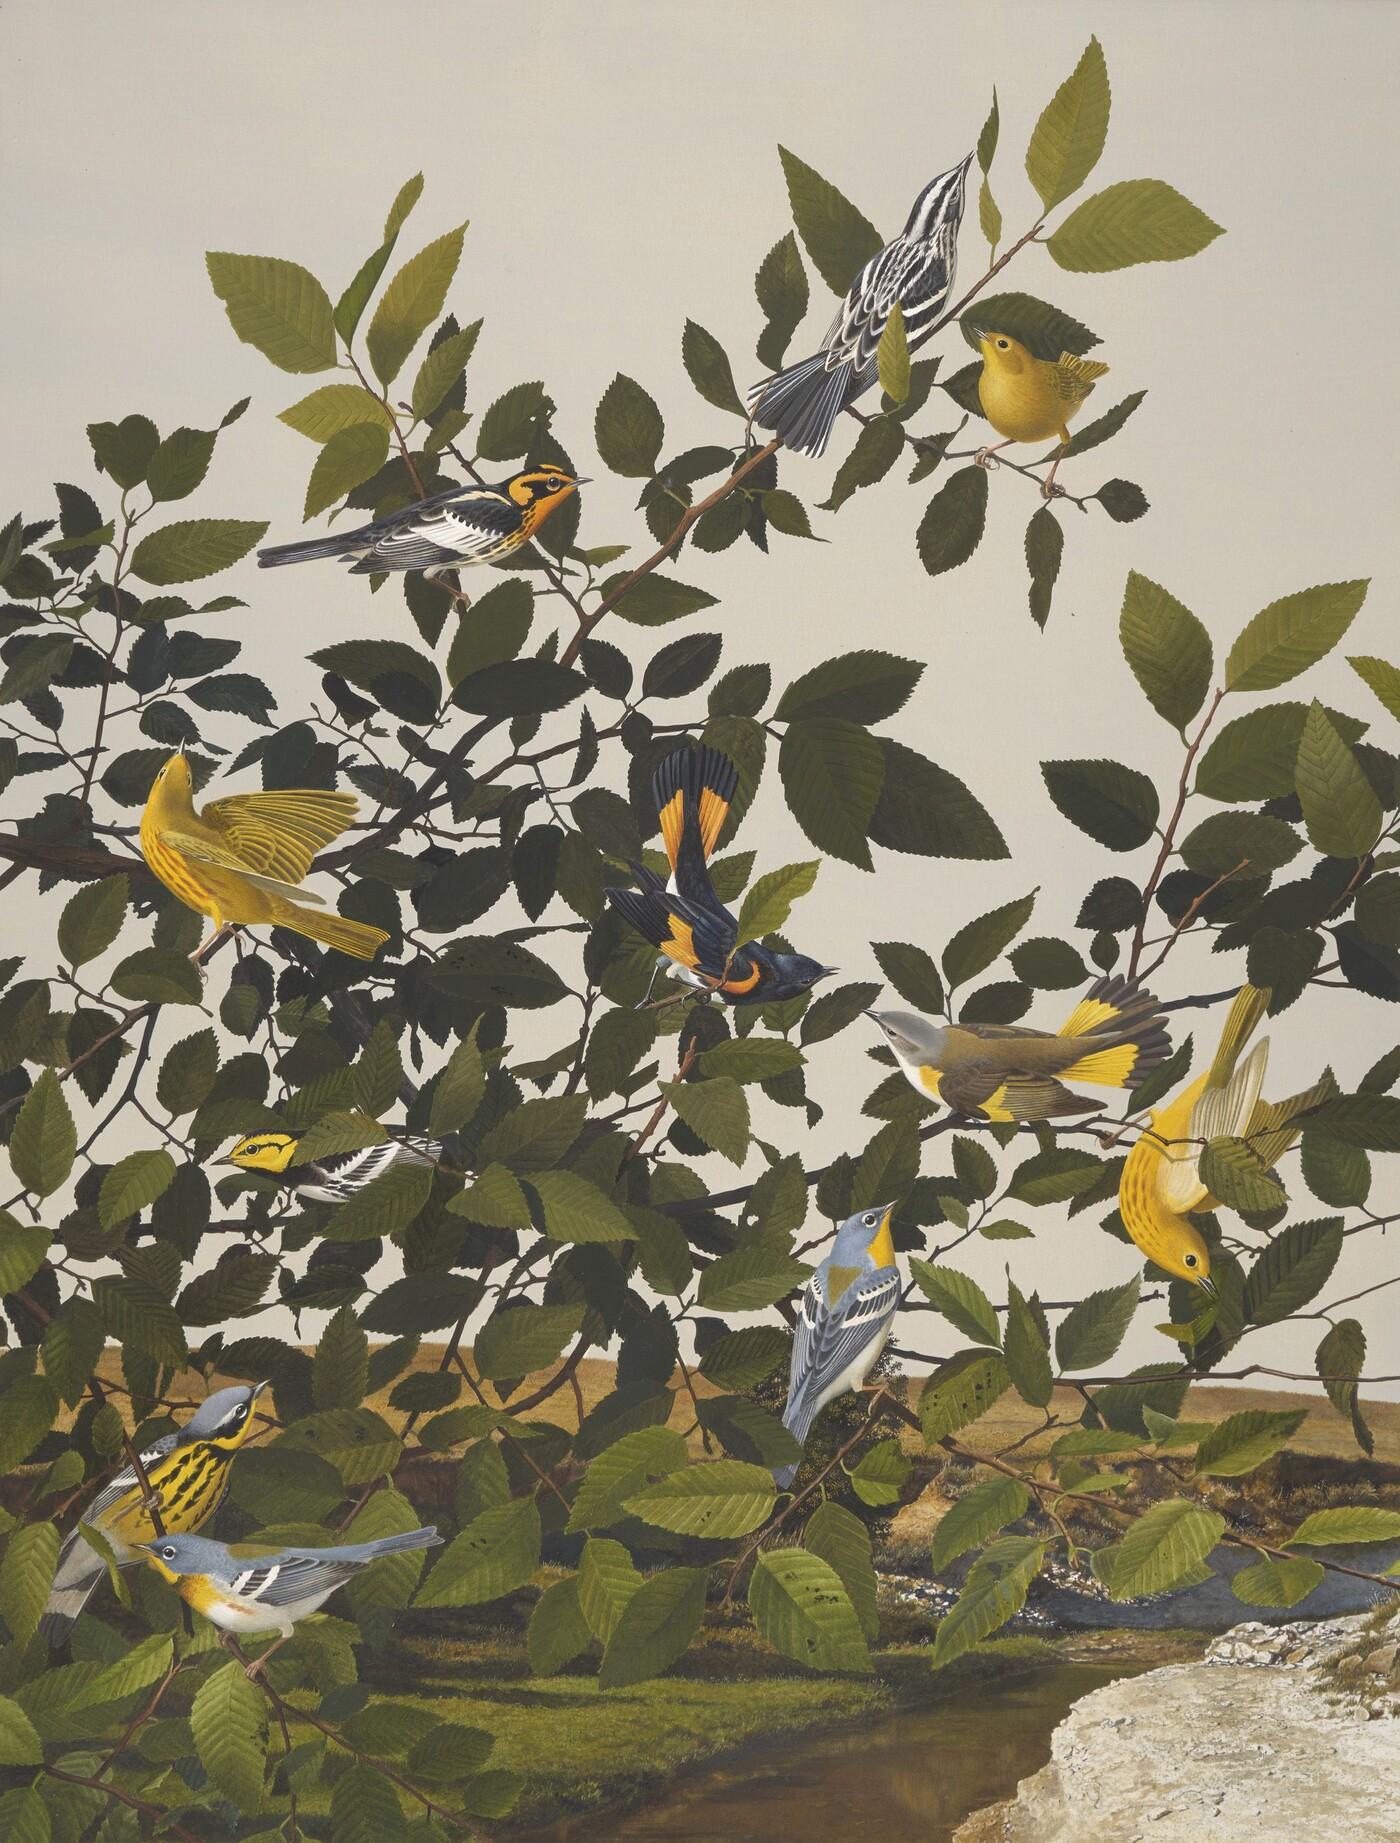 Stuart Gentling (1942–2006), Scott Gentling (1942–2011), Six Migrant Warbler Species and the Golden Chick Warbler, 1985